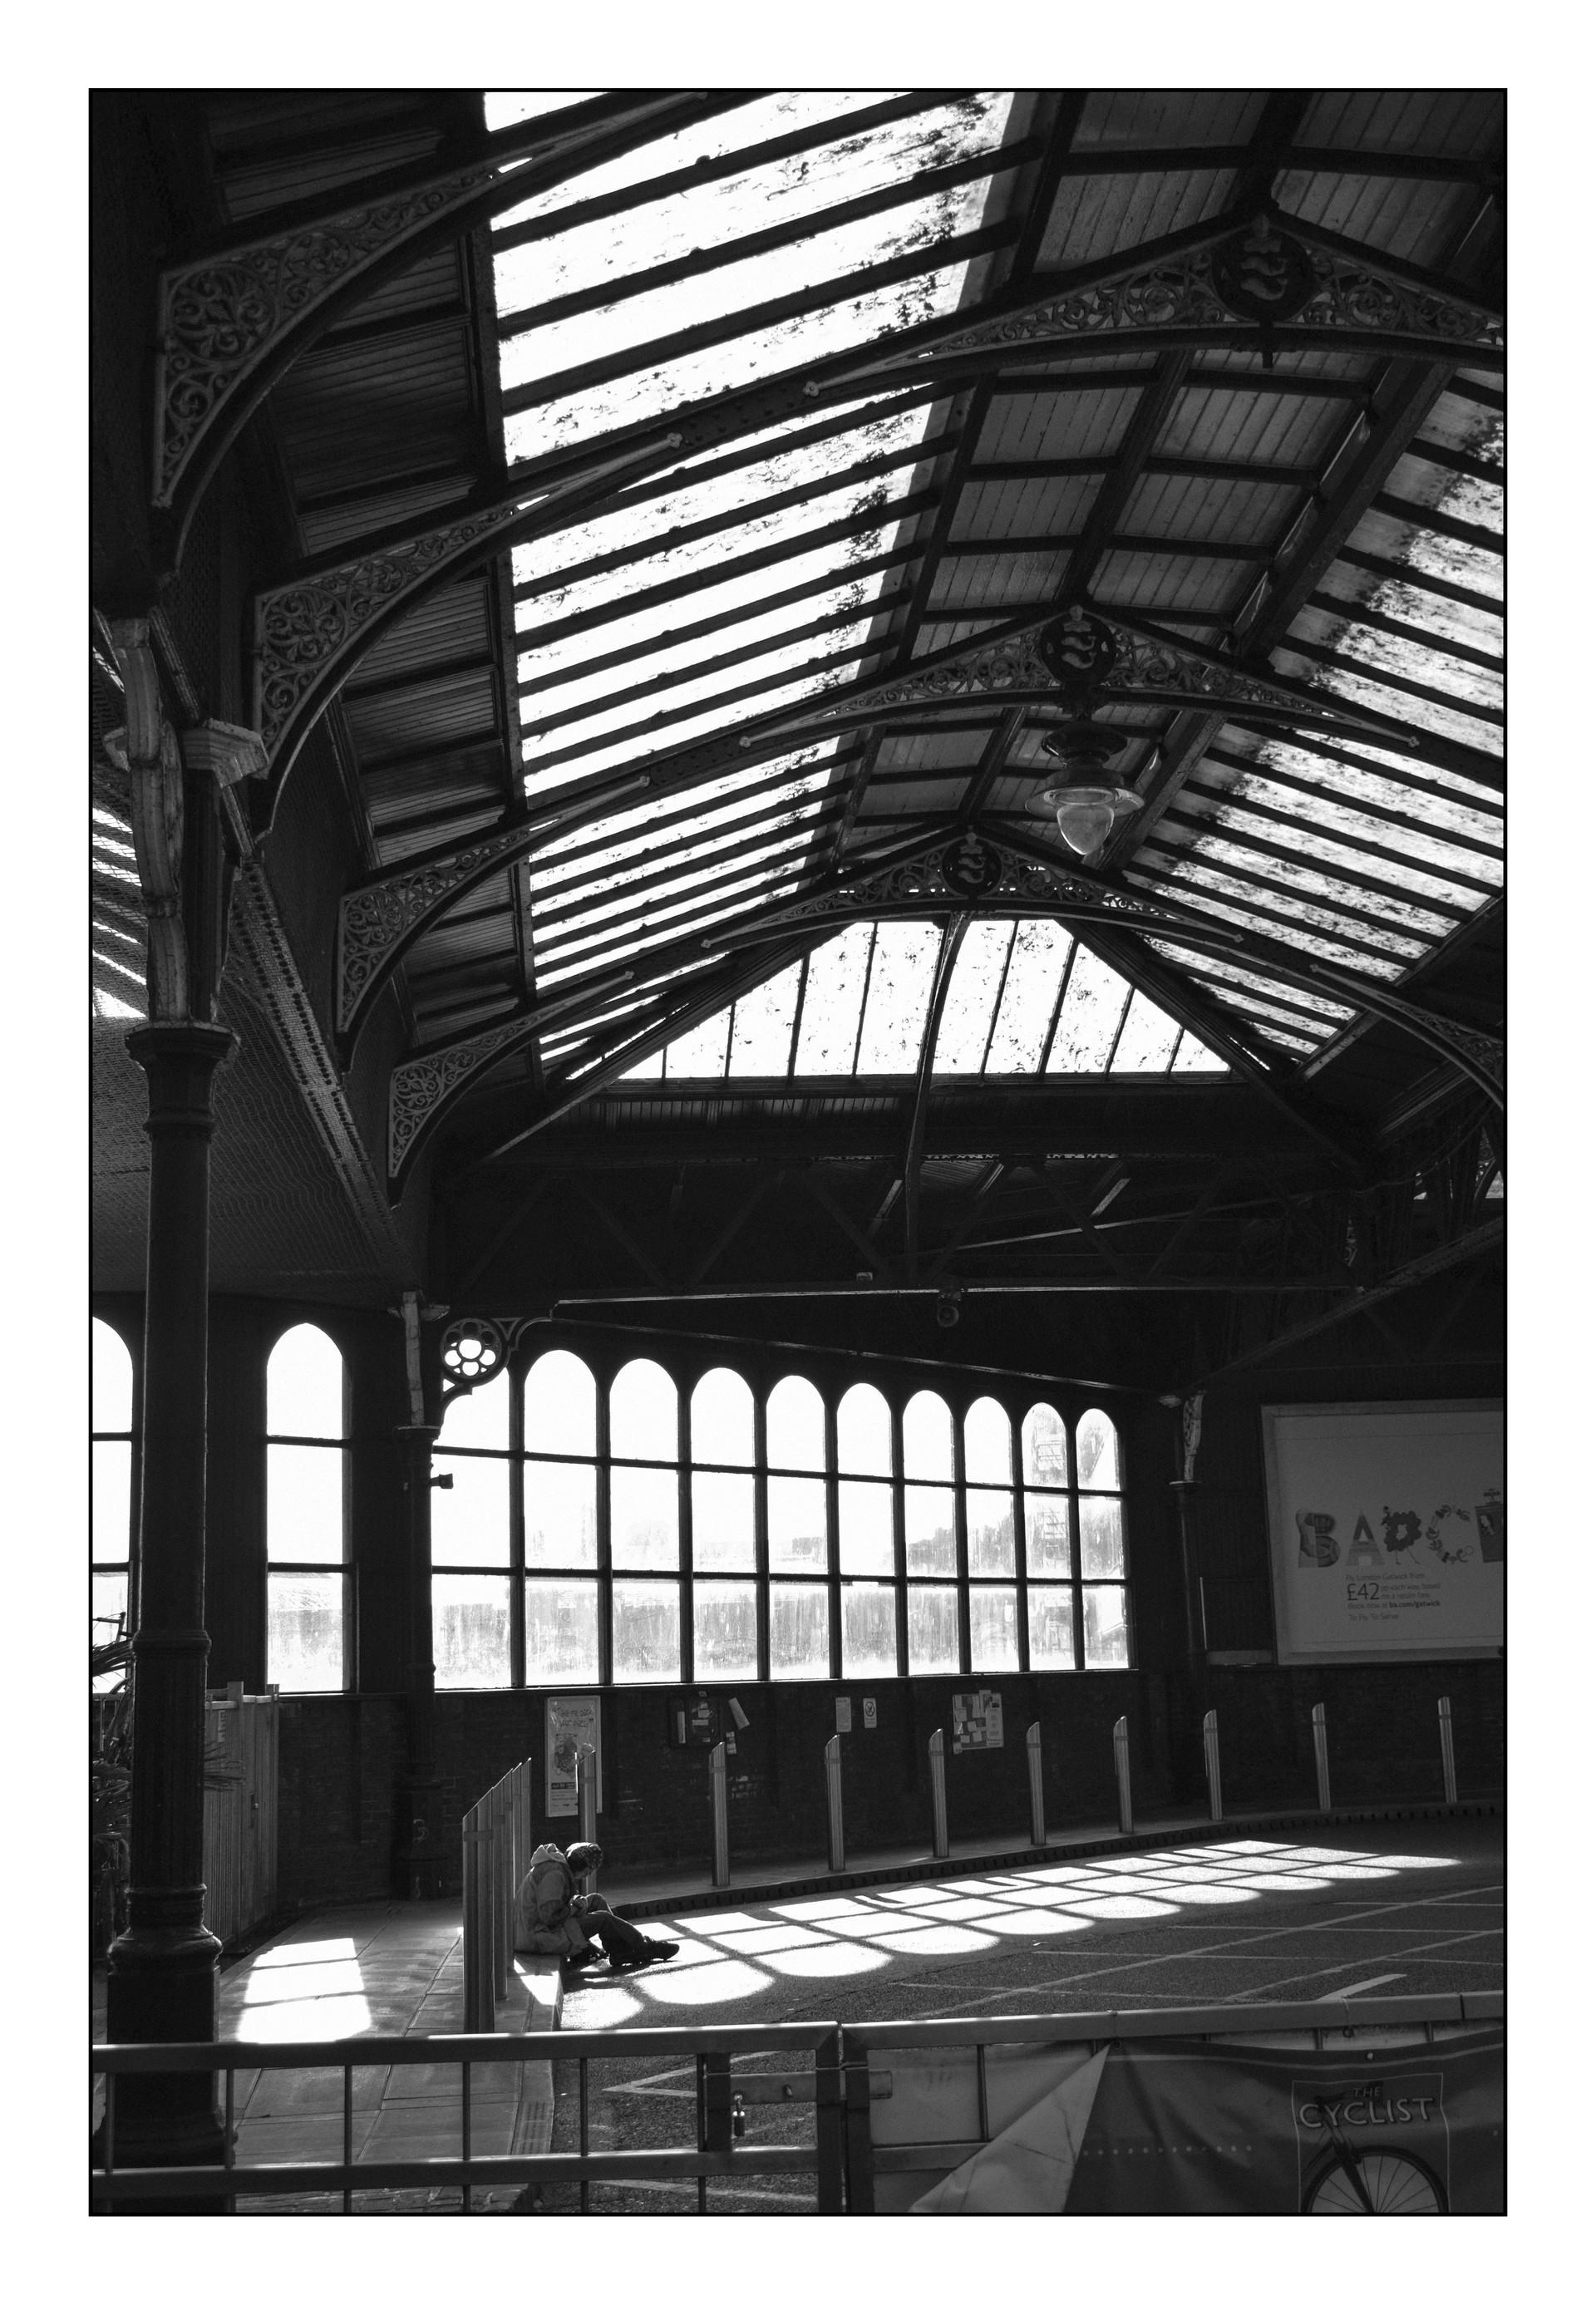 Brighton station - 2016